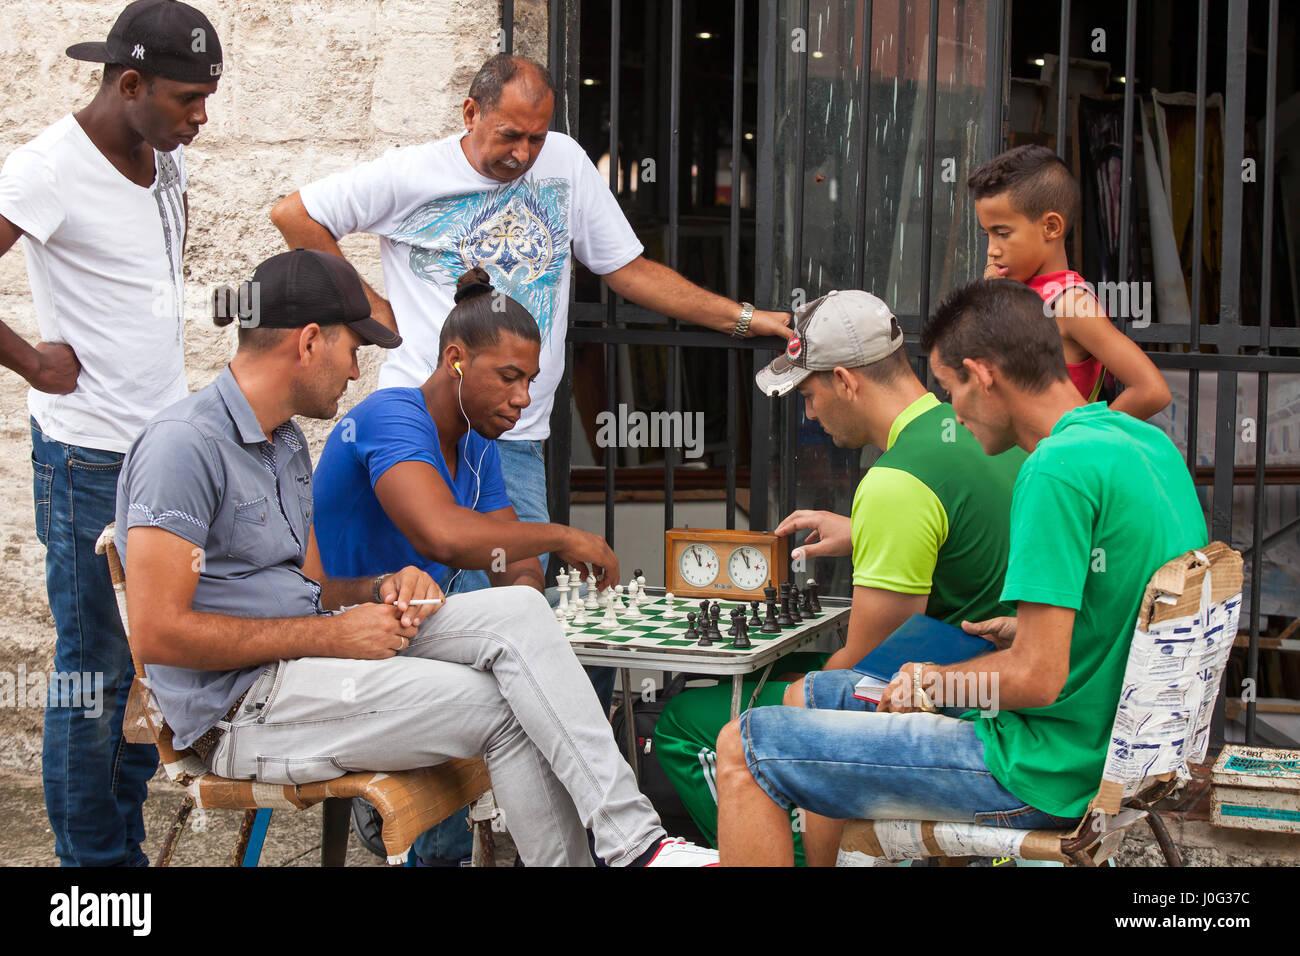 Jeu d'échecs, La Havane, Cuba Banque D'Images